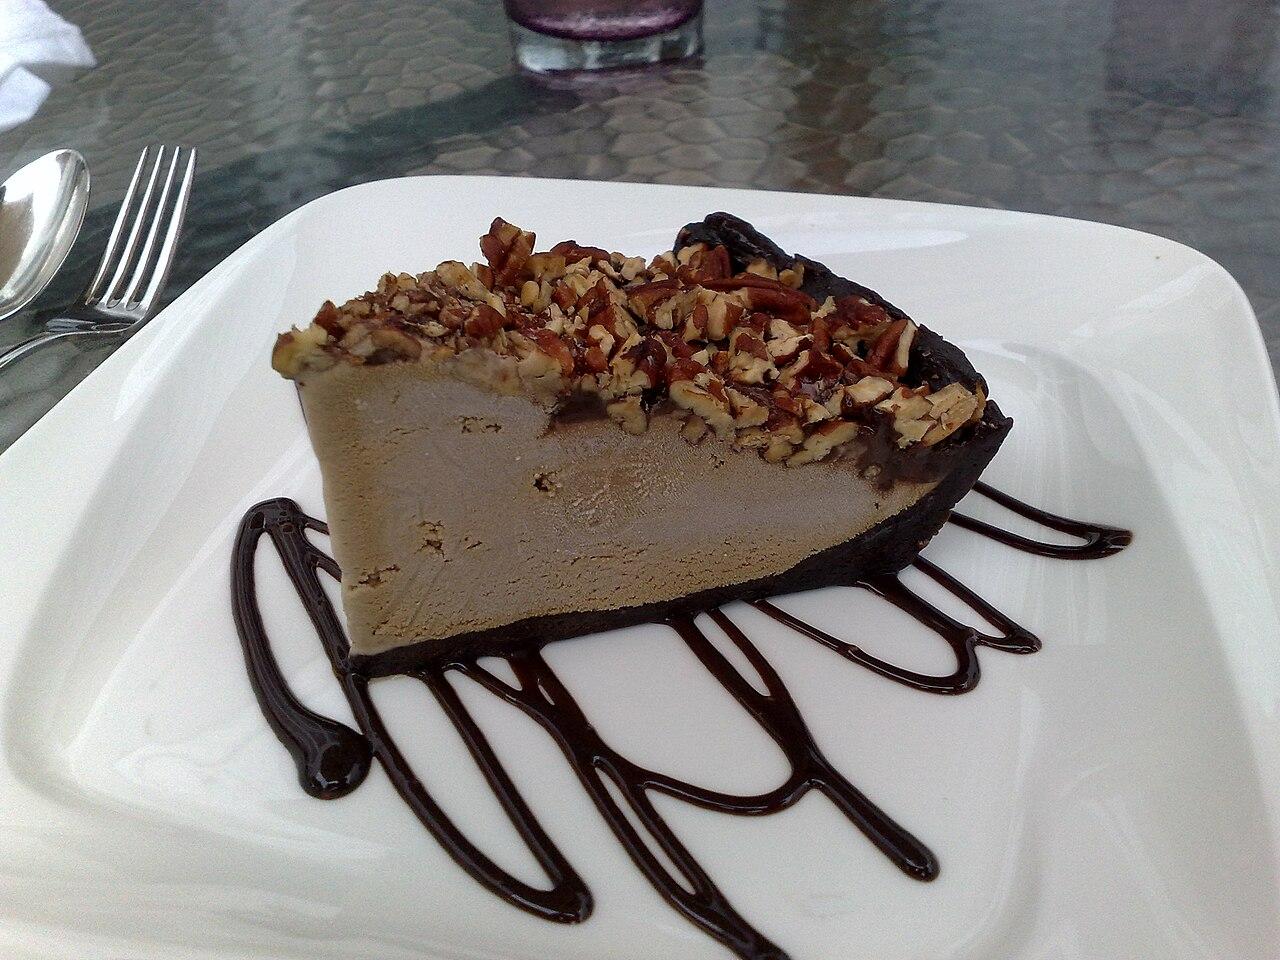 Chocolate Mud Pie Recipes — Dishmaps